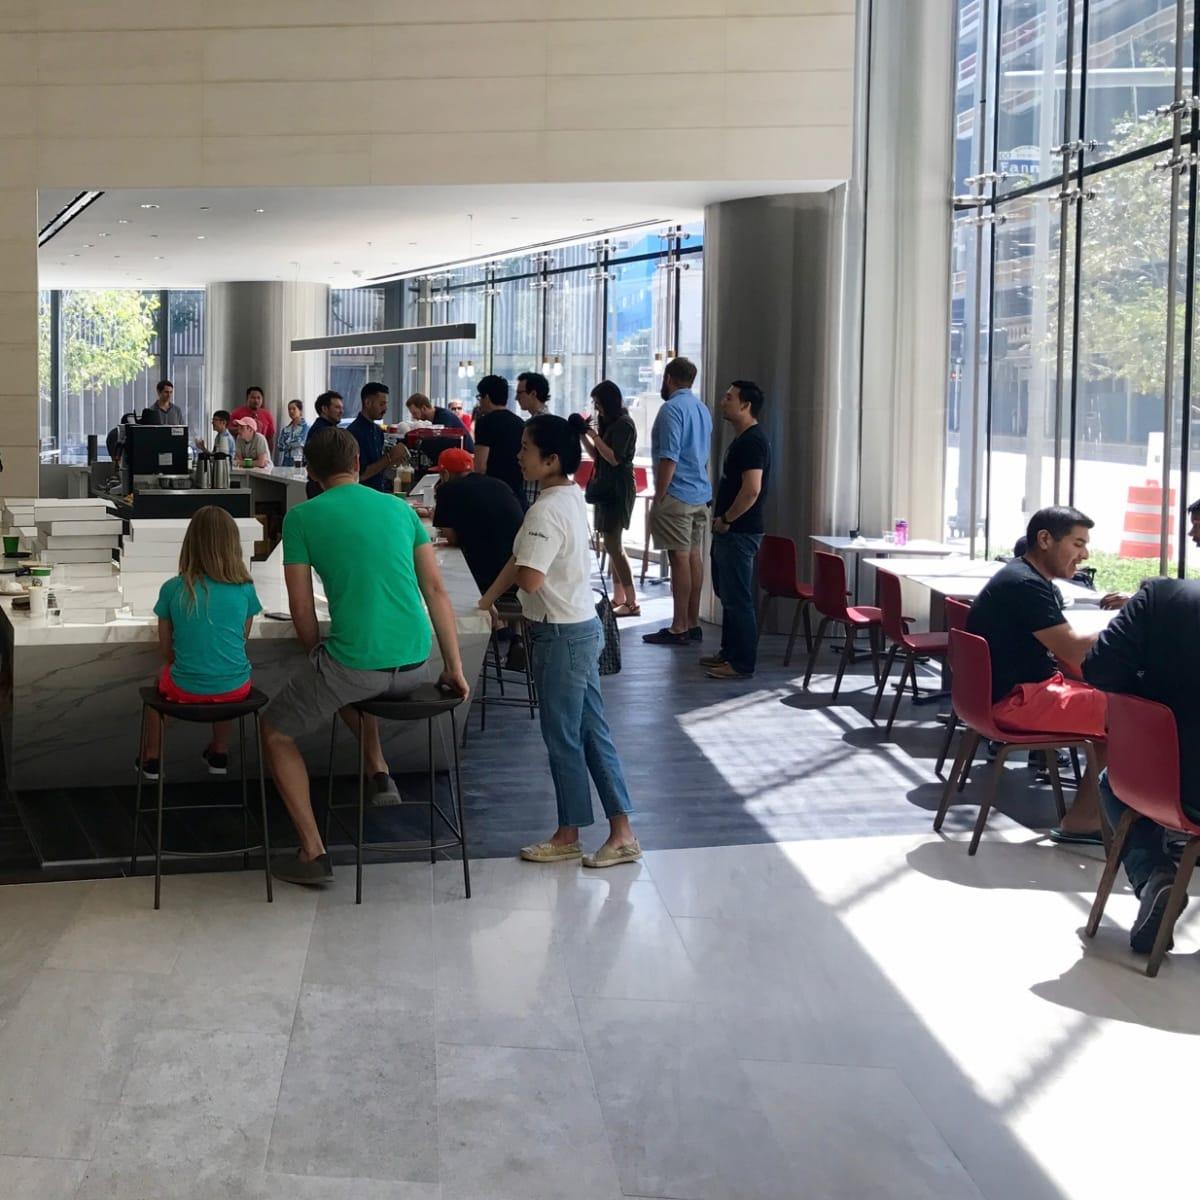 Prelude Coffee interior